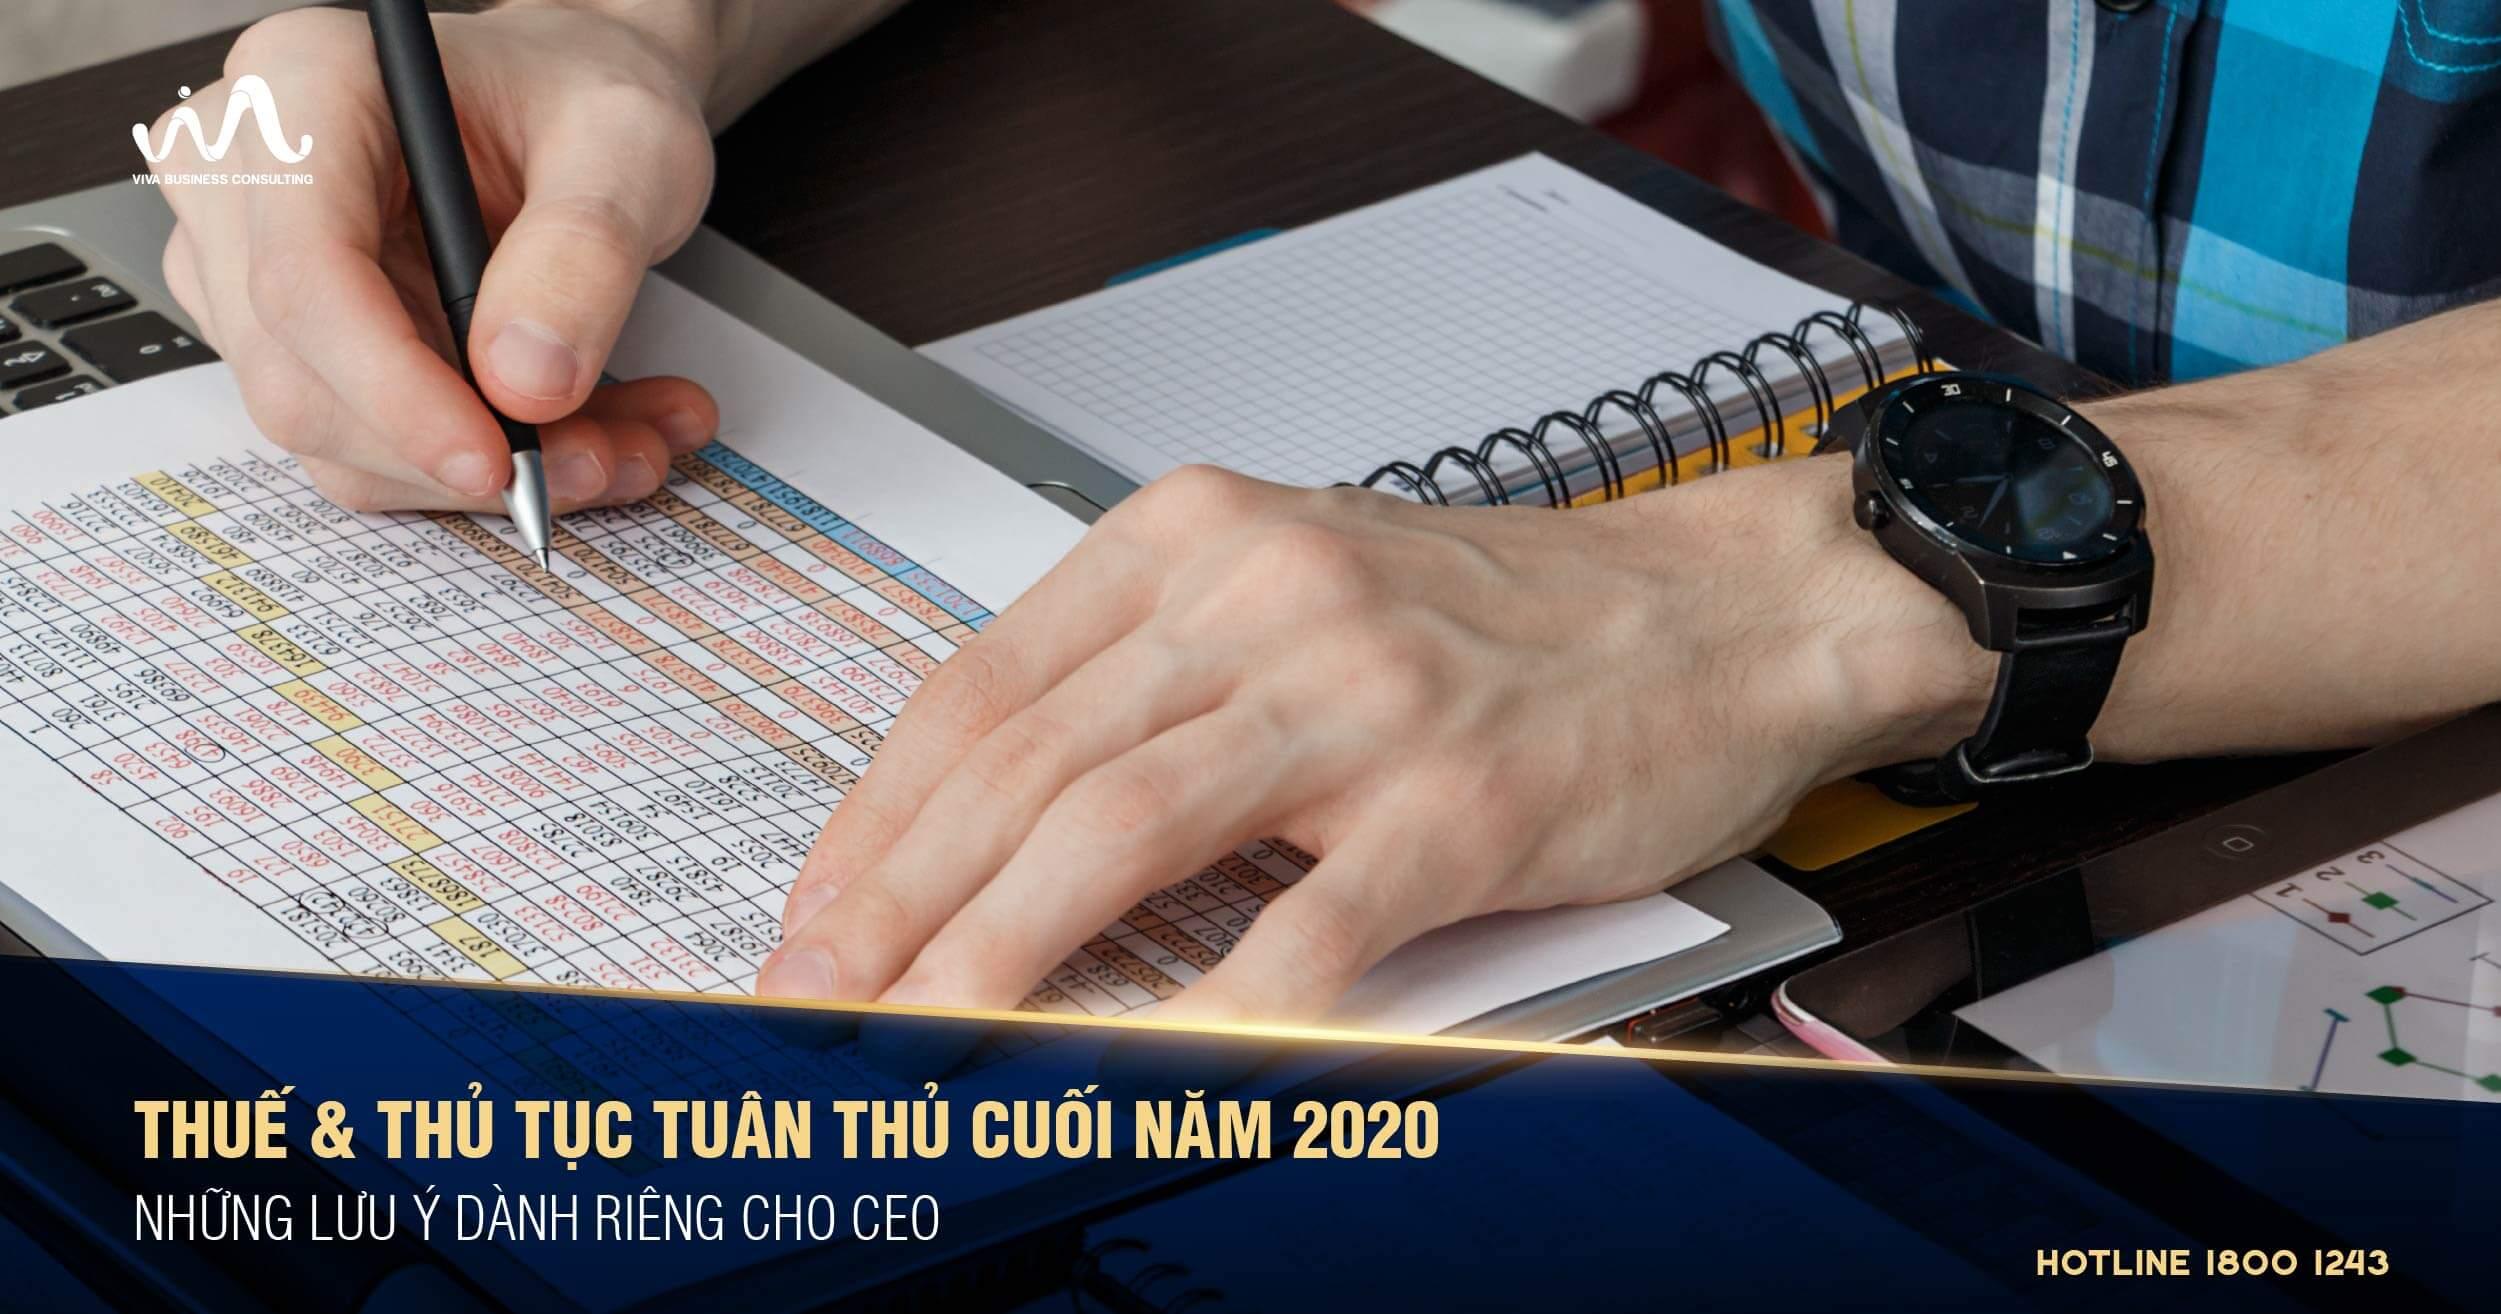 Các thủ tục tuân thủ thuế cuối năm 2020